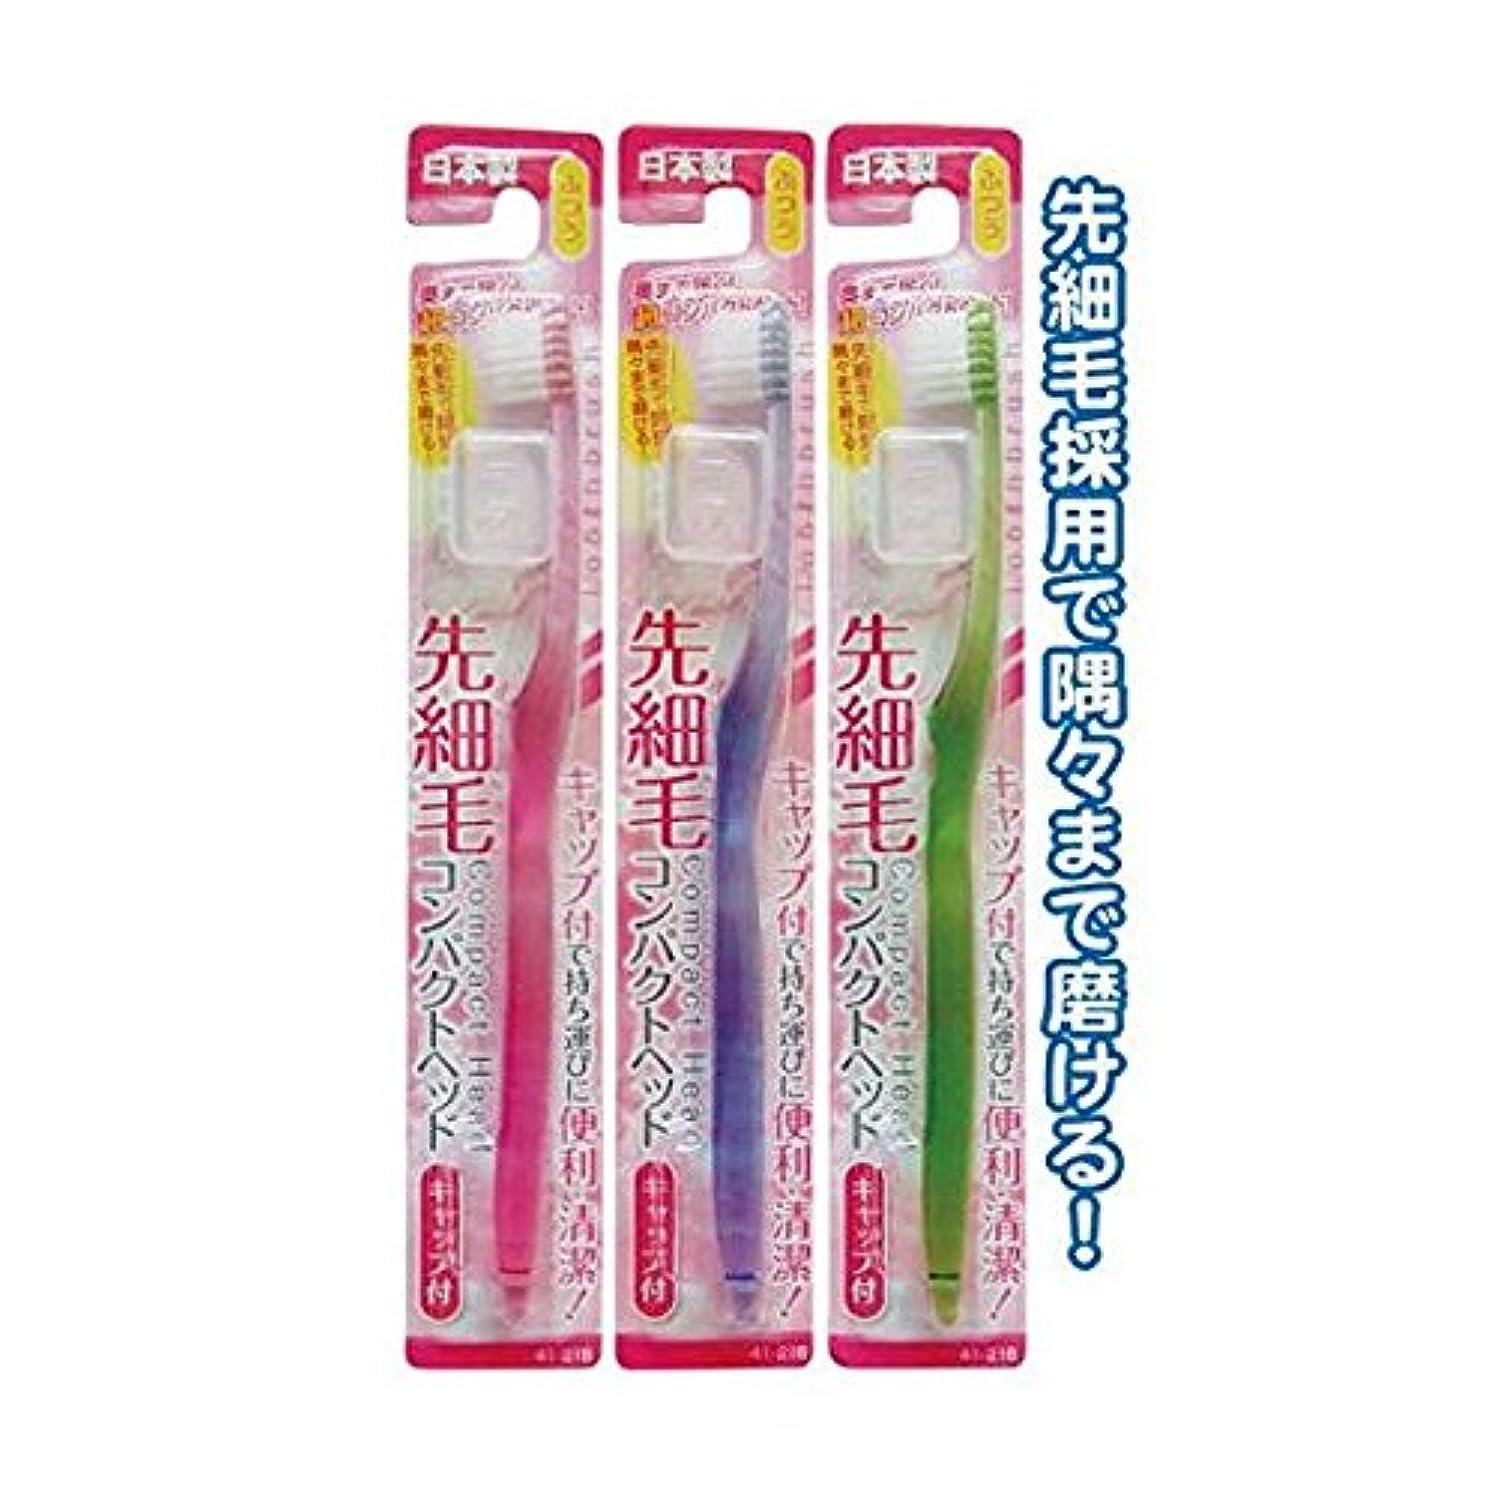 シリーズ裁定集まるコンパクトヘッドキャップ付歯ブラシ先細ふつう日本製 [12個セット] 41-218